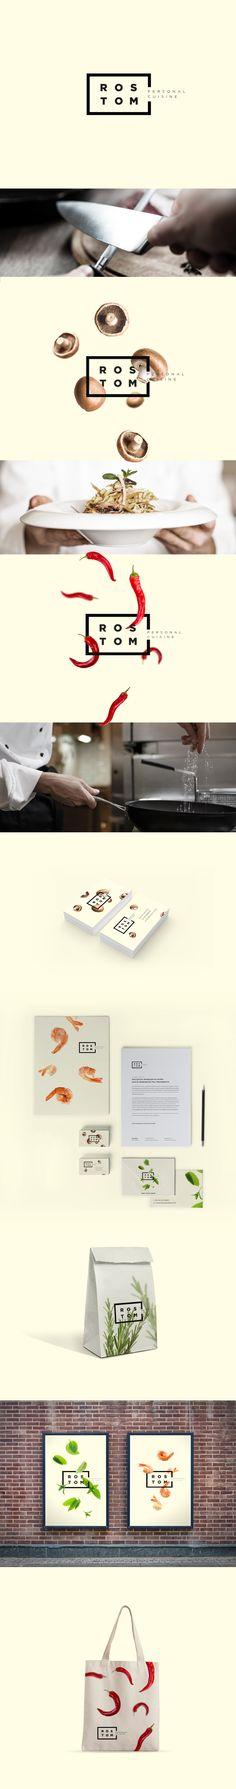 Marca criada para o chef de cozinha Rostom